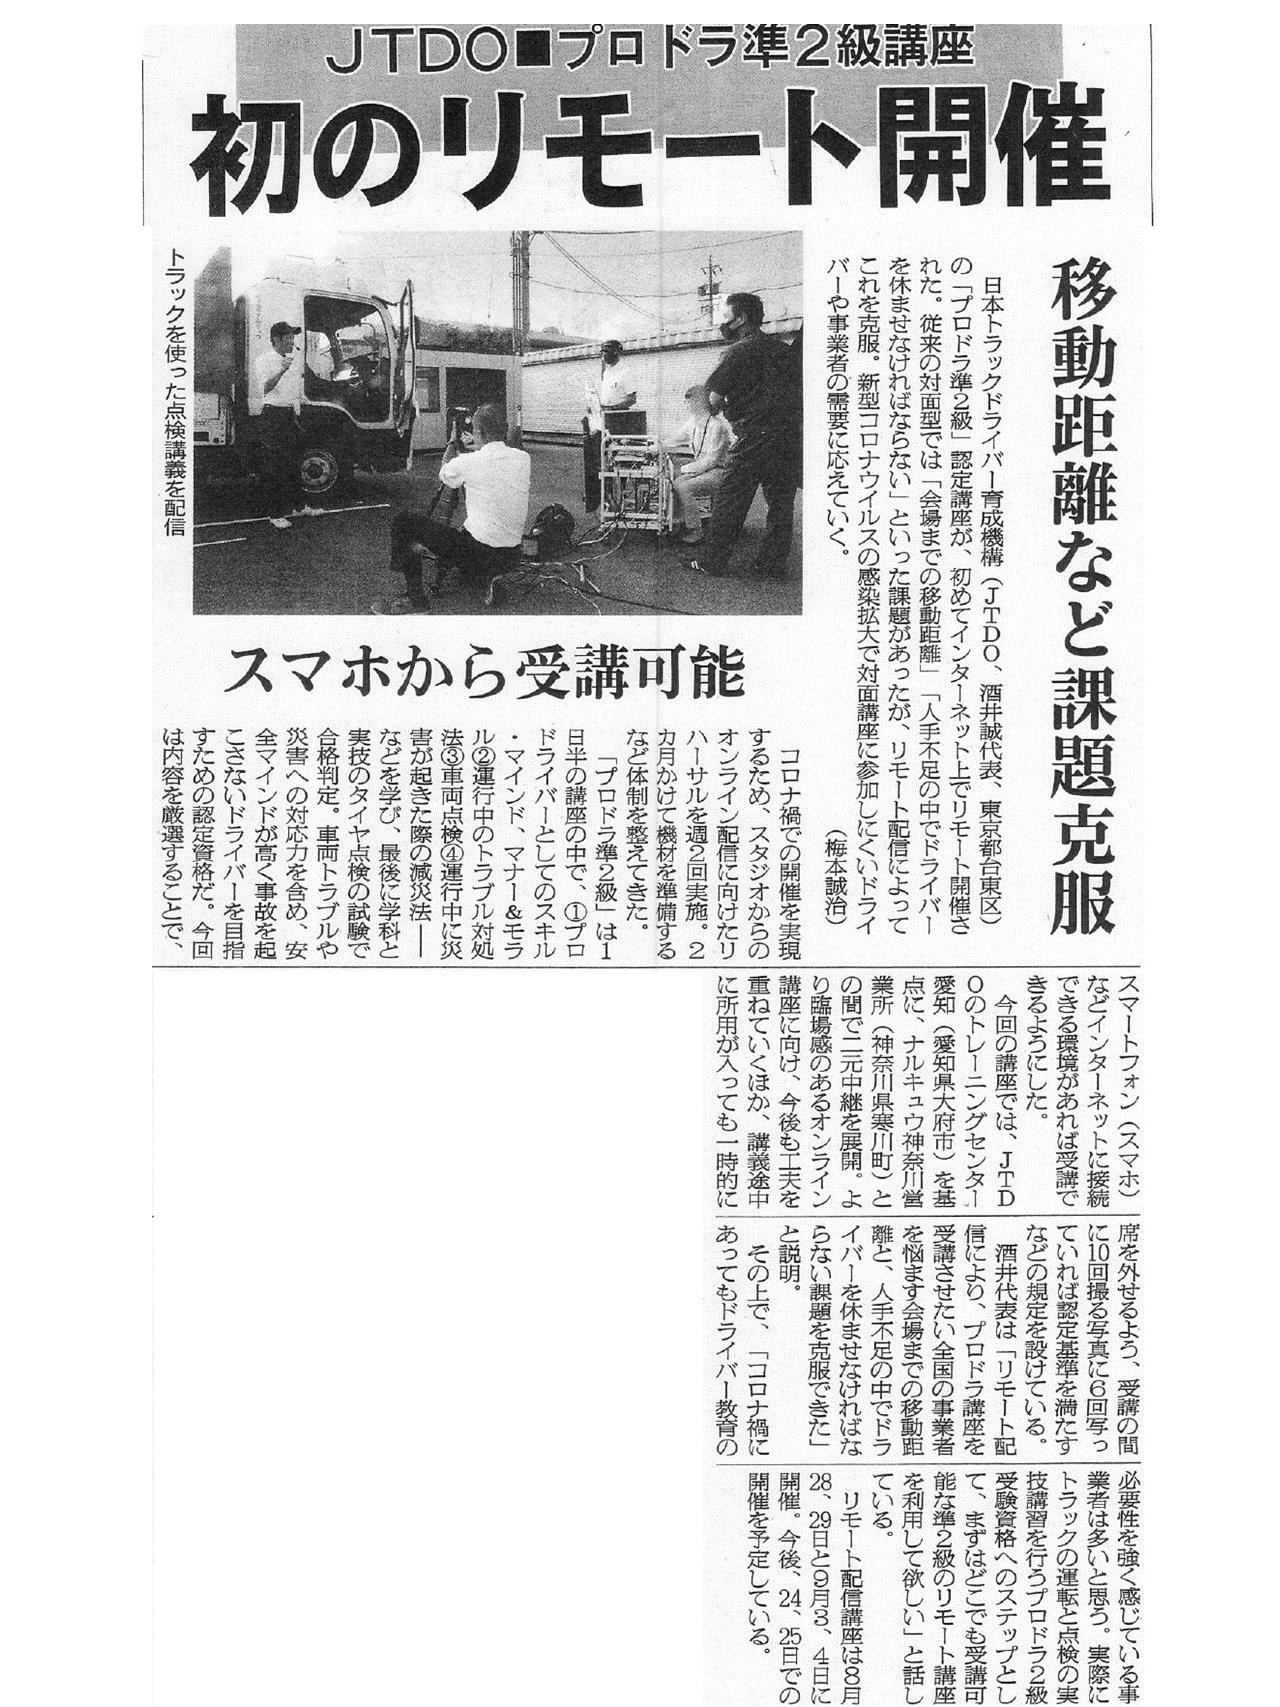 2020.9.8物流ニッポン 3面『JTDO プロドラ準2級講座 初のリモート開催』